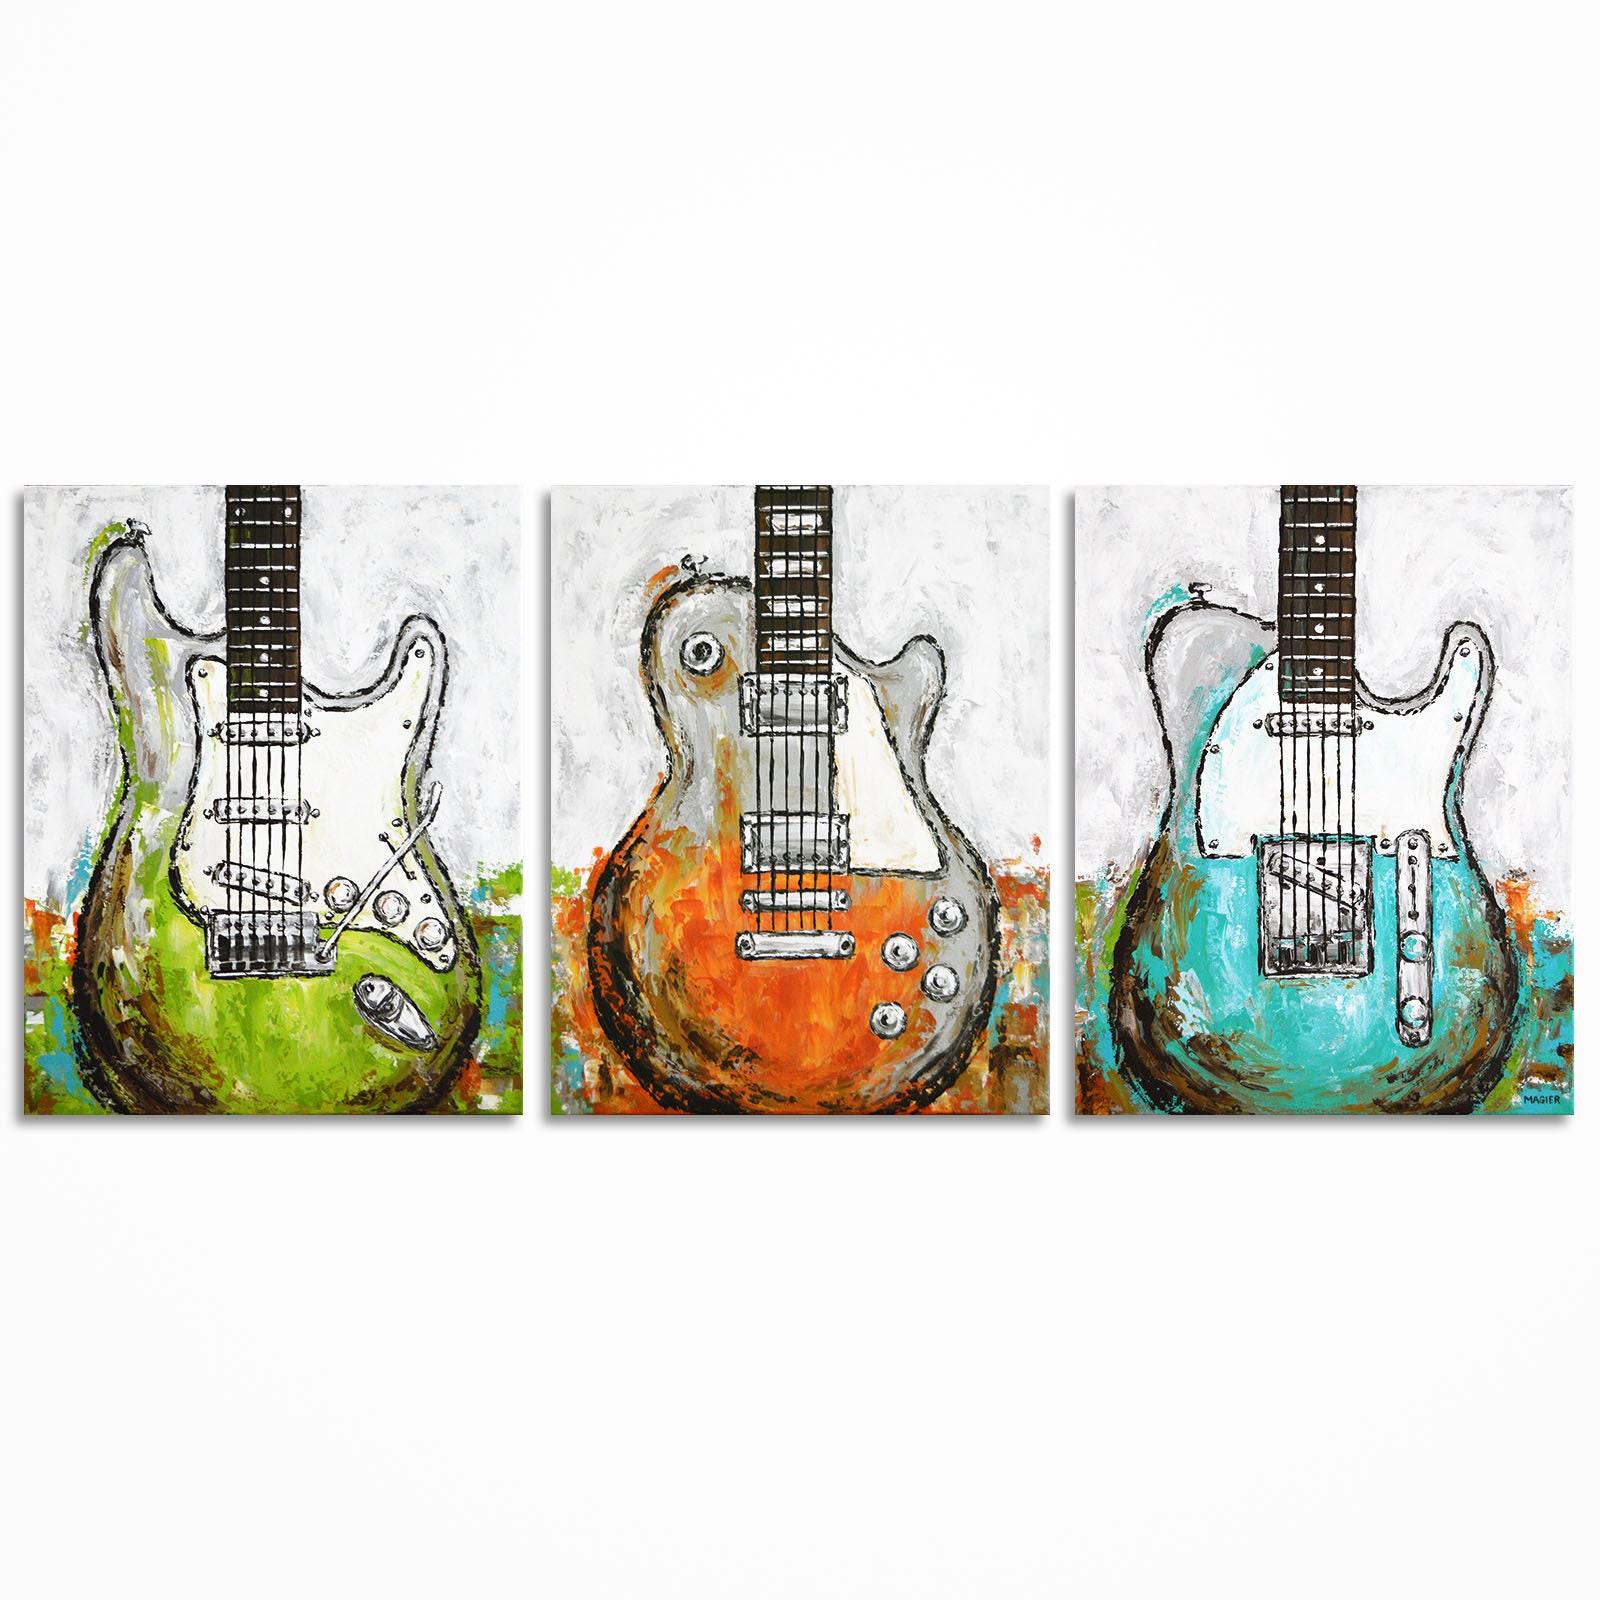 guitare peinture guitare art musique art cadeau pour un etsy. Black Bedroom Furniture Sets. Home Design Ideas